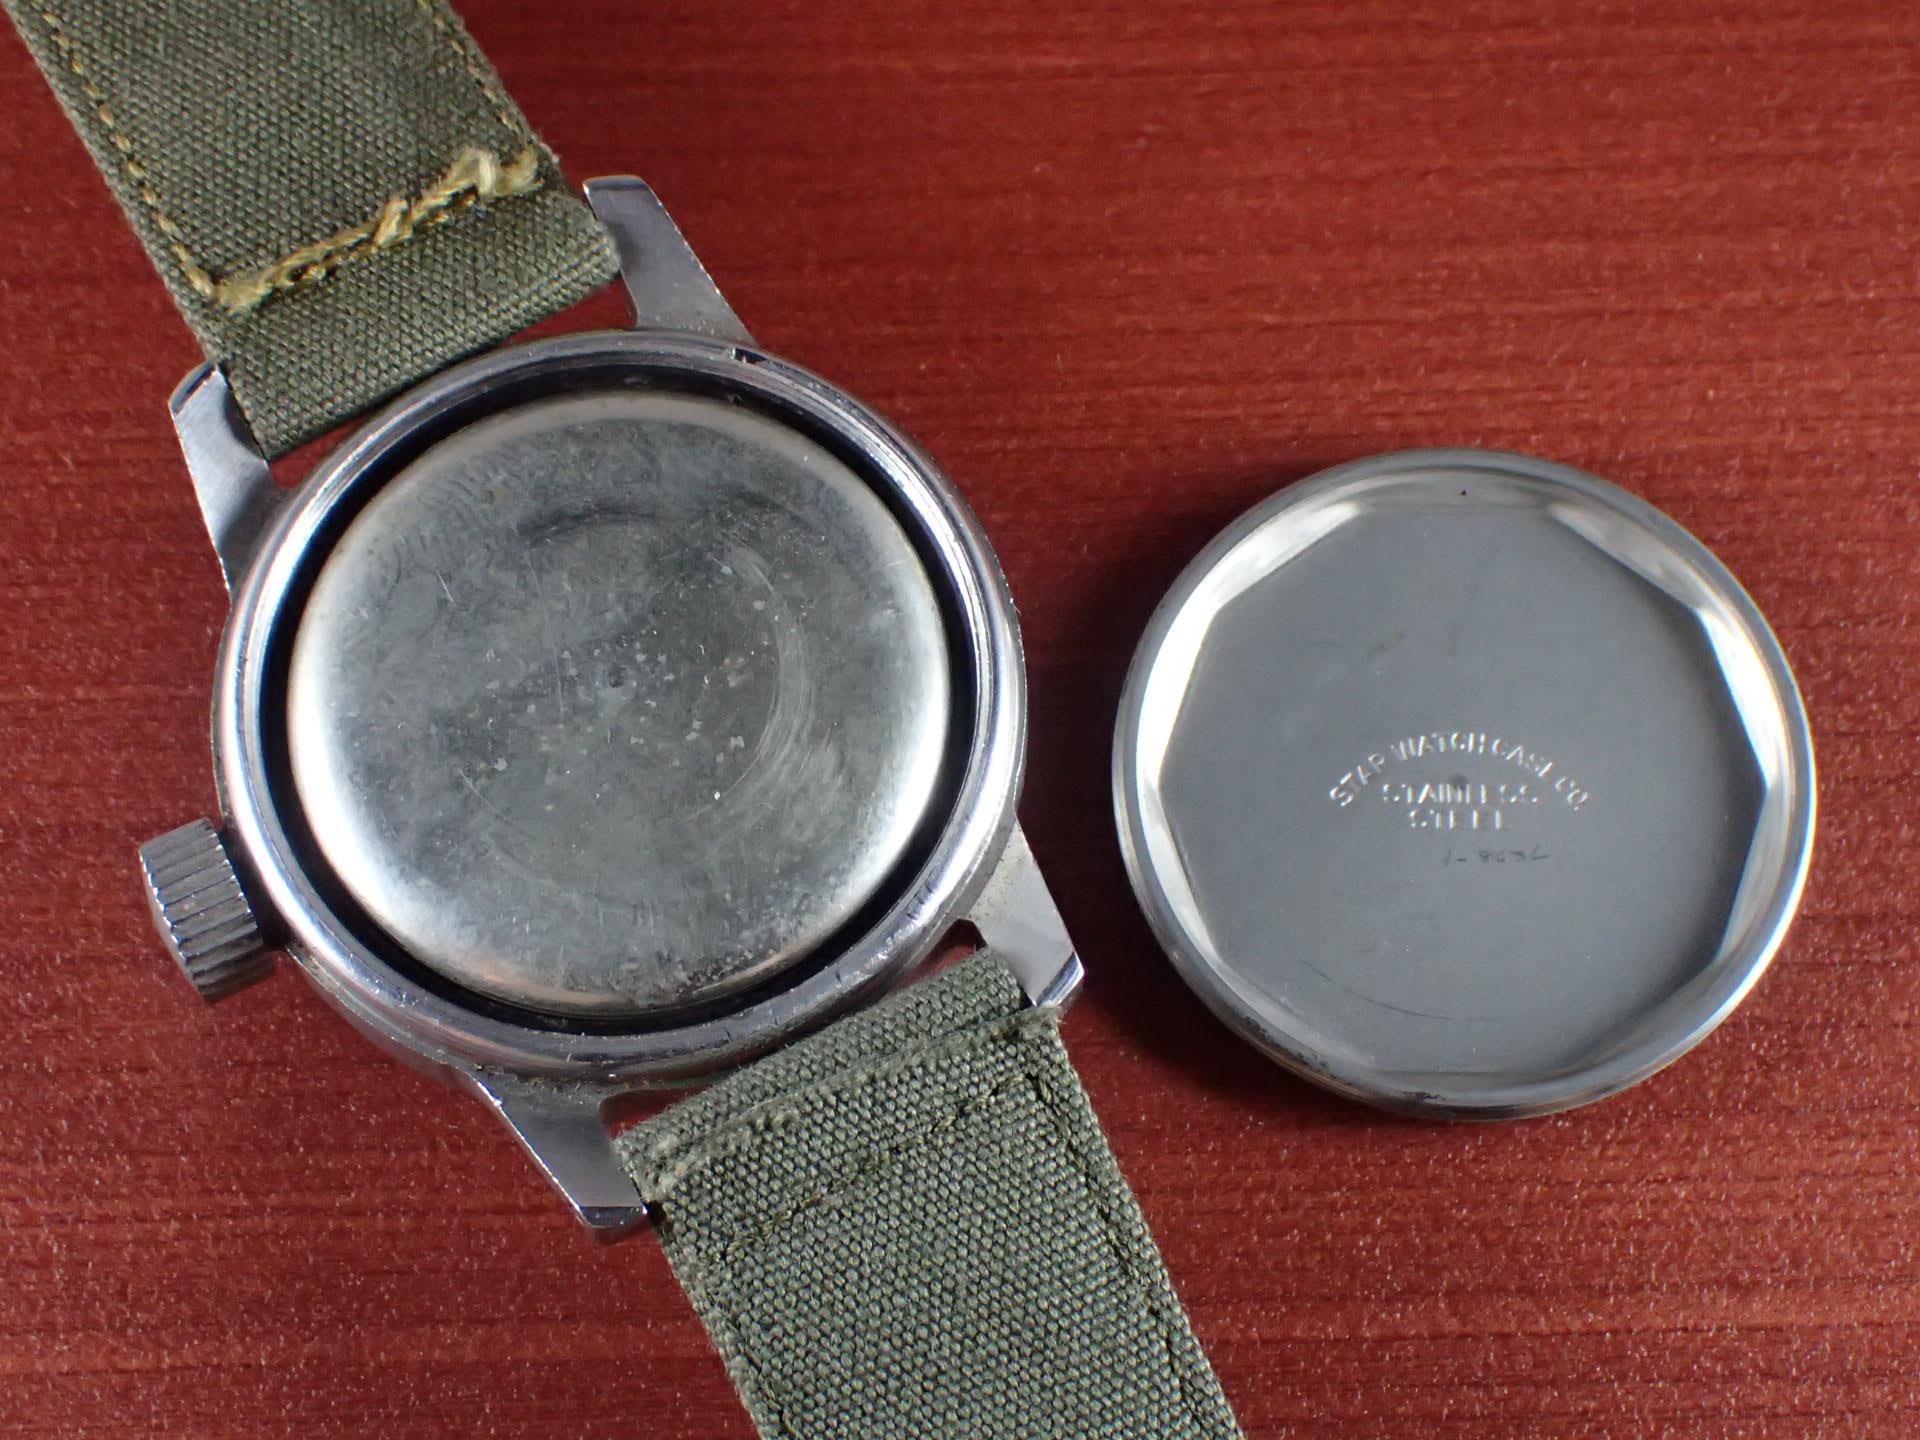 ブローバ 軍用時計 米軍 MIL-W-3818A 1960年代の写真6枚目